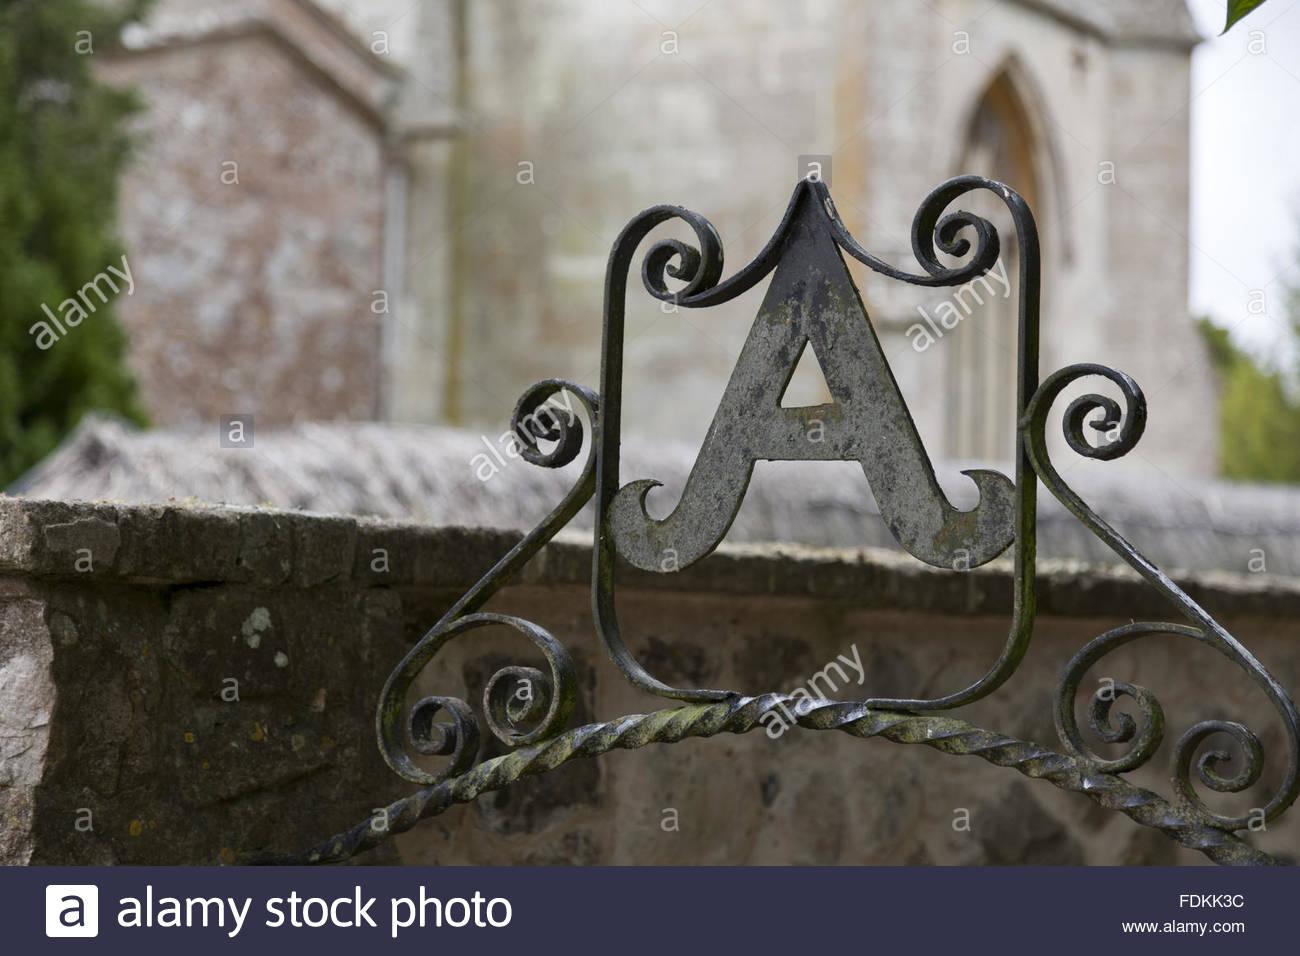 gusseisen deko buchstaben a und scroll arbeiten uber dem eingang in garten in avebury manor wiltshire fdkk3c